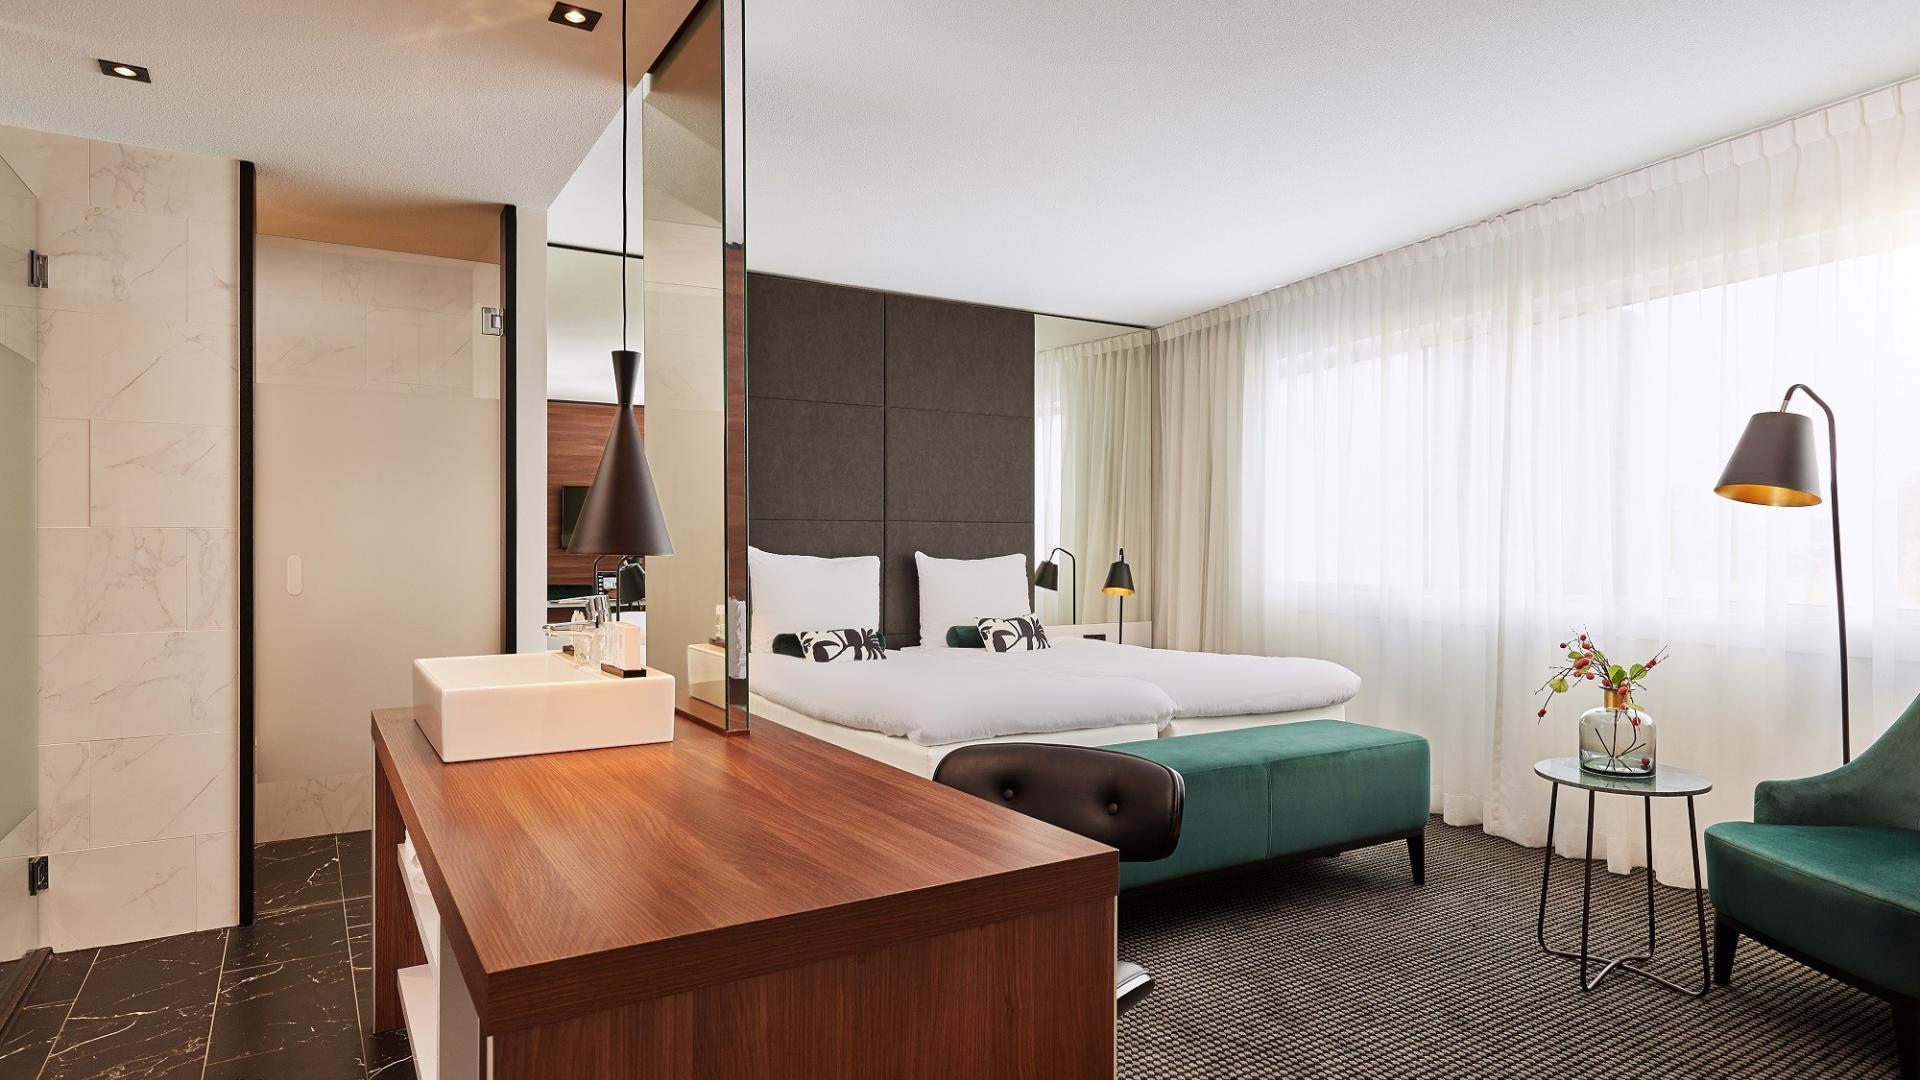 2 of 3 dagen splinternieuw luxe 4*-Van der Valk hotel bij <b>Den Bosch</b>